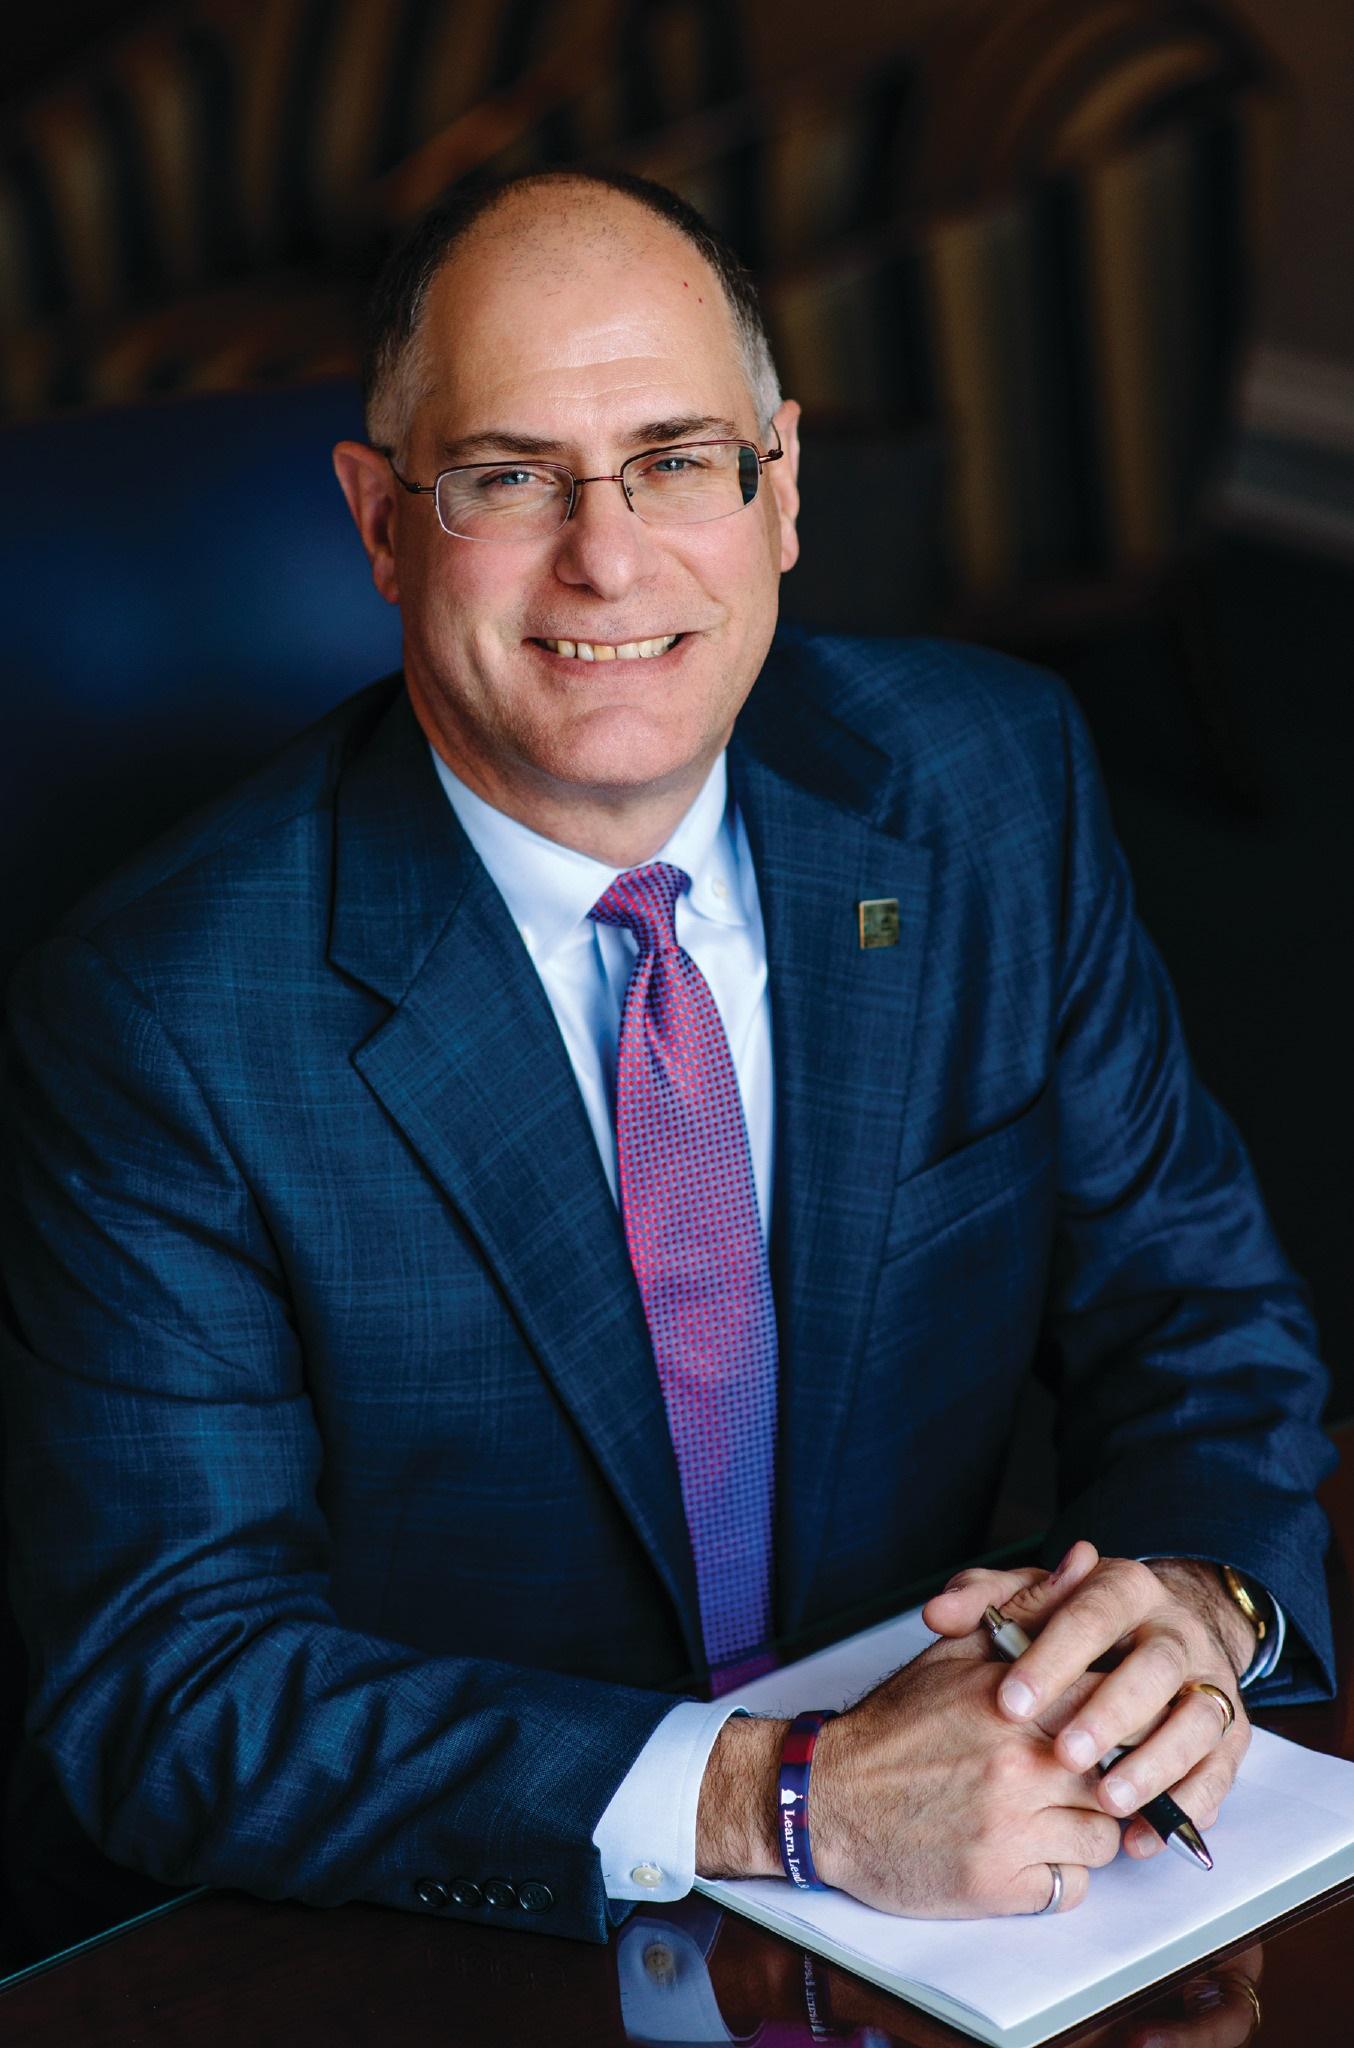 Eric F. Spina : University of Dayton, Ohio